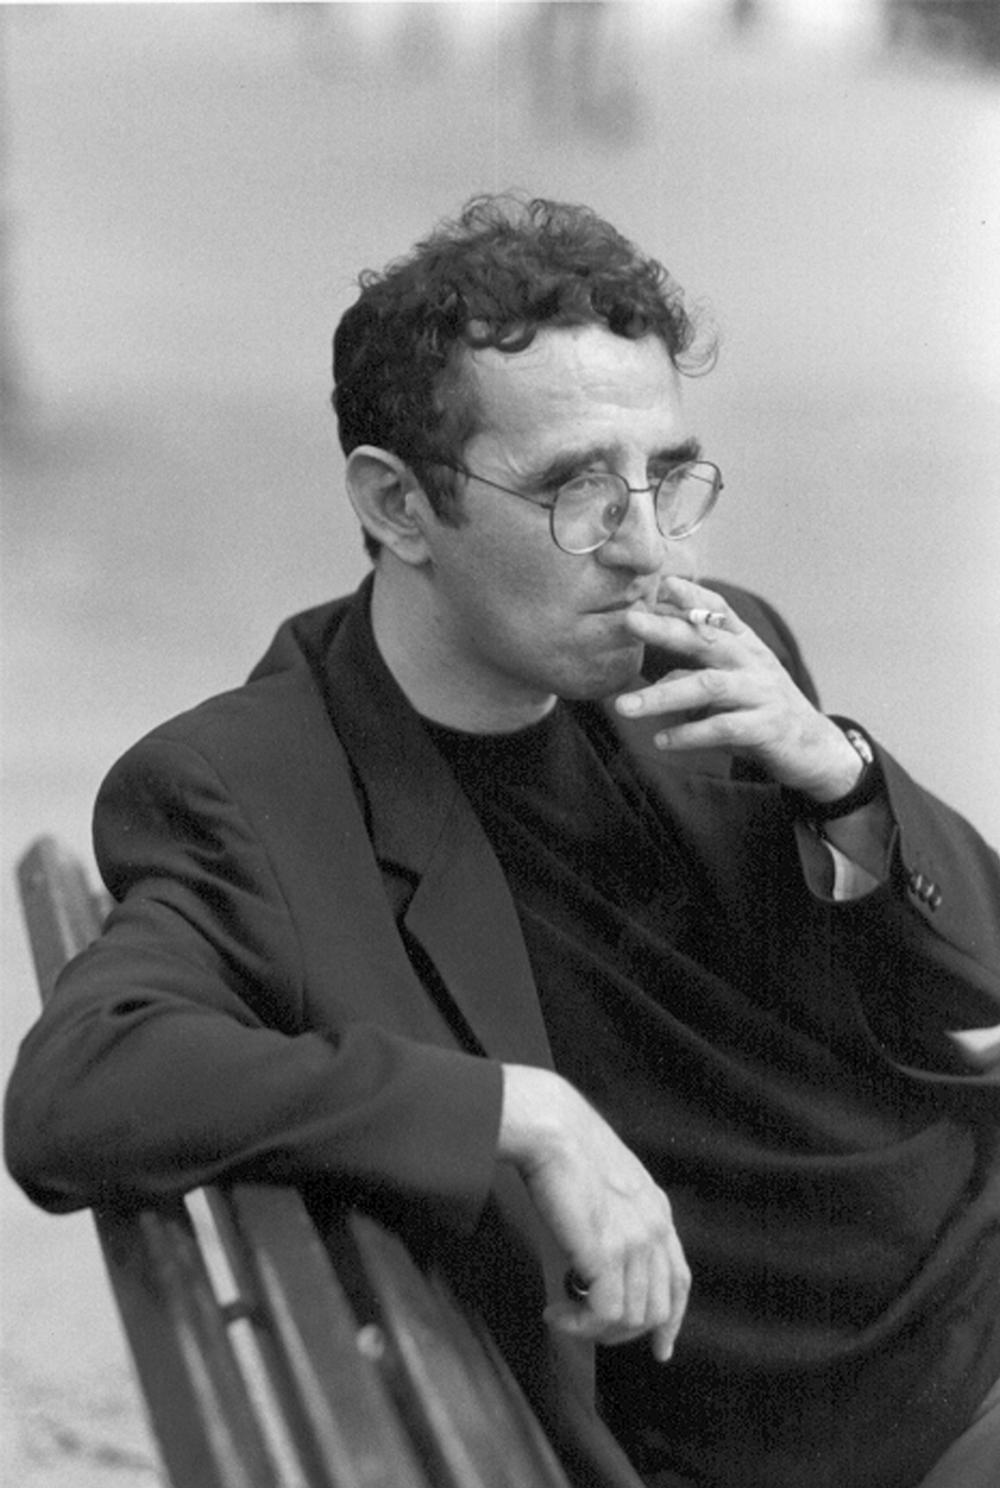 Roberto Bolaño (via Picador)